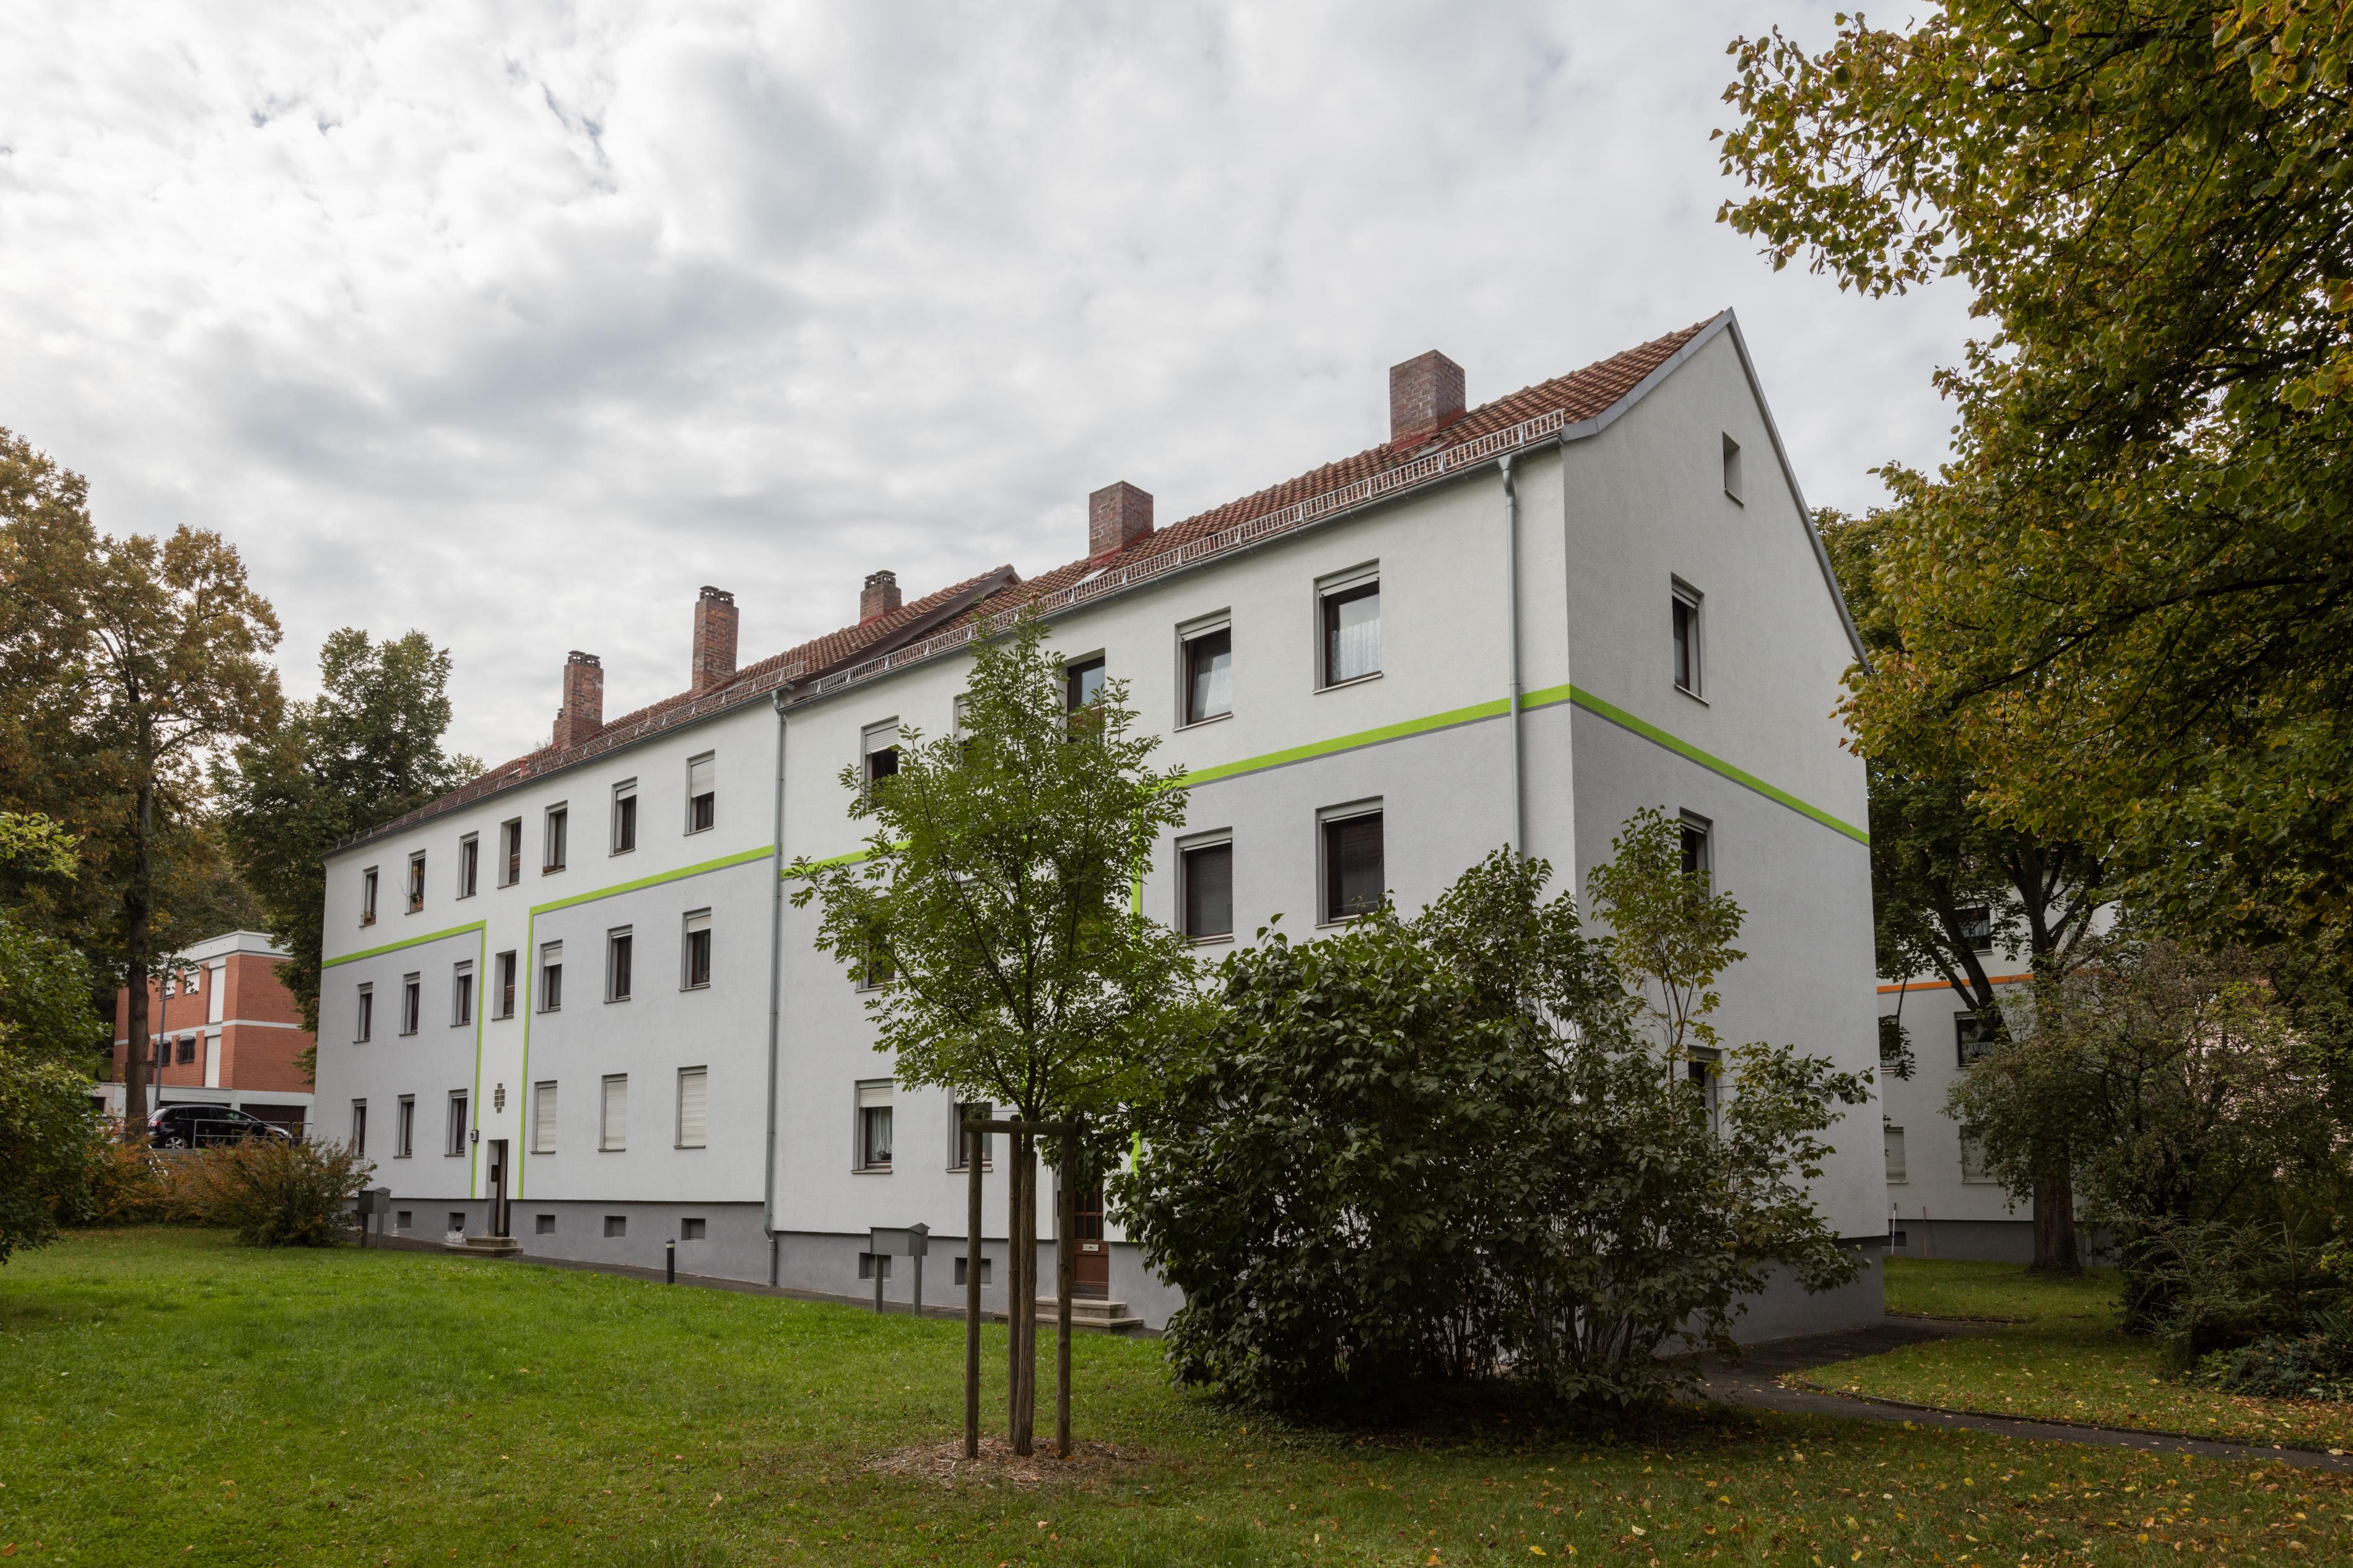 bew_würzburg-9